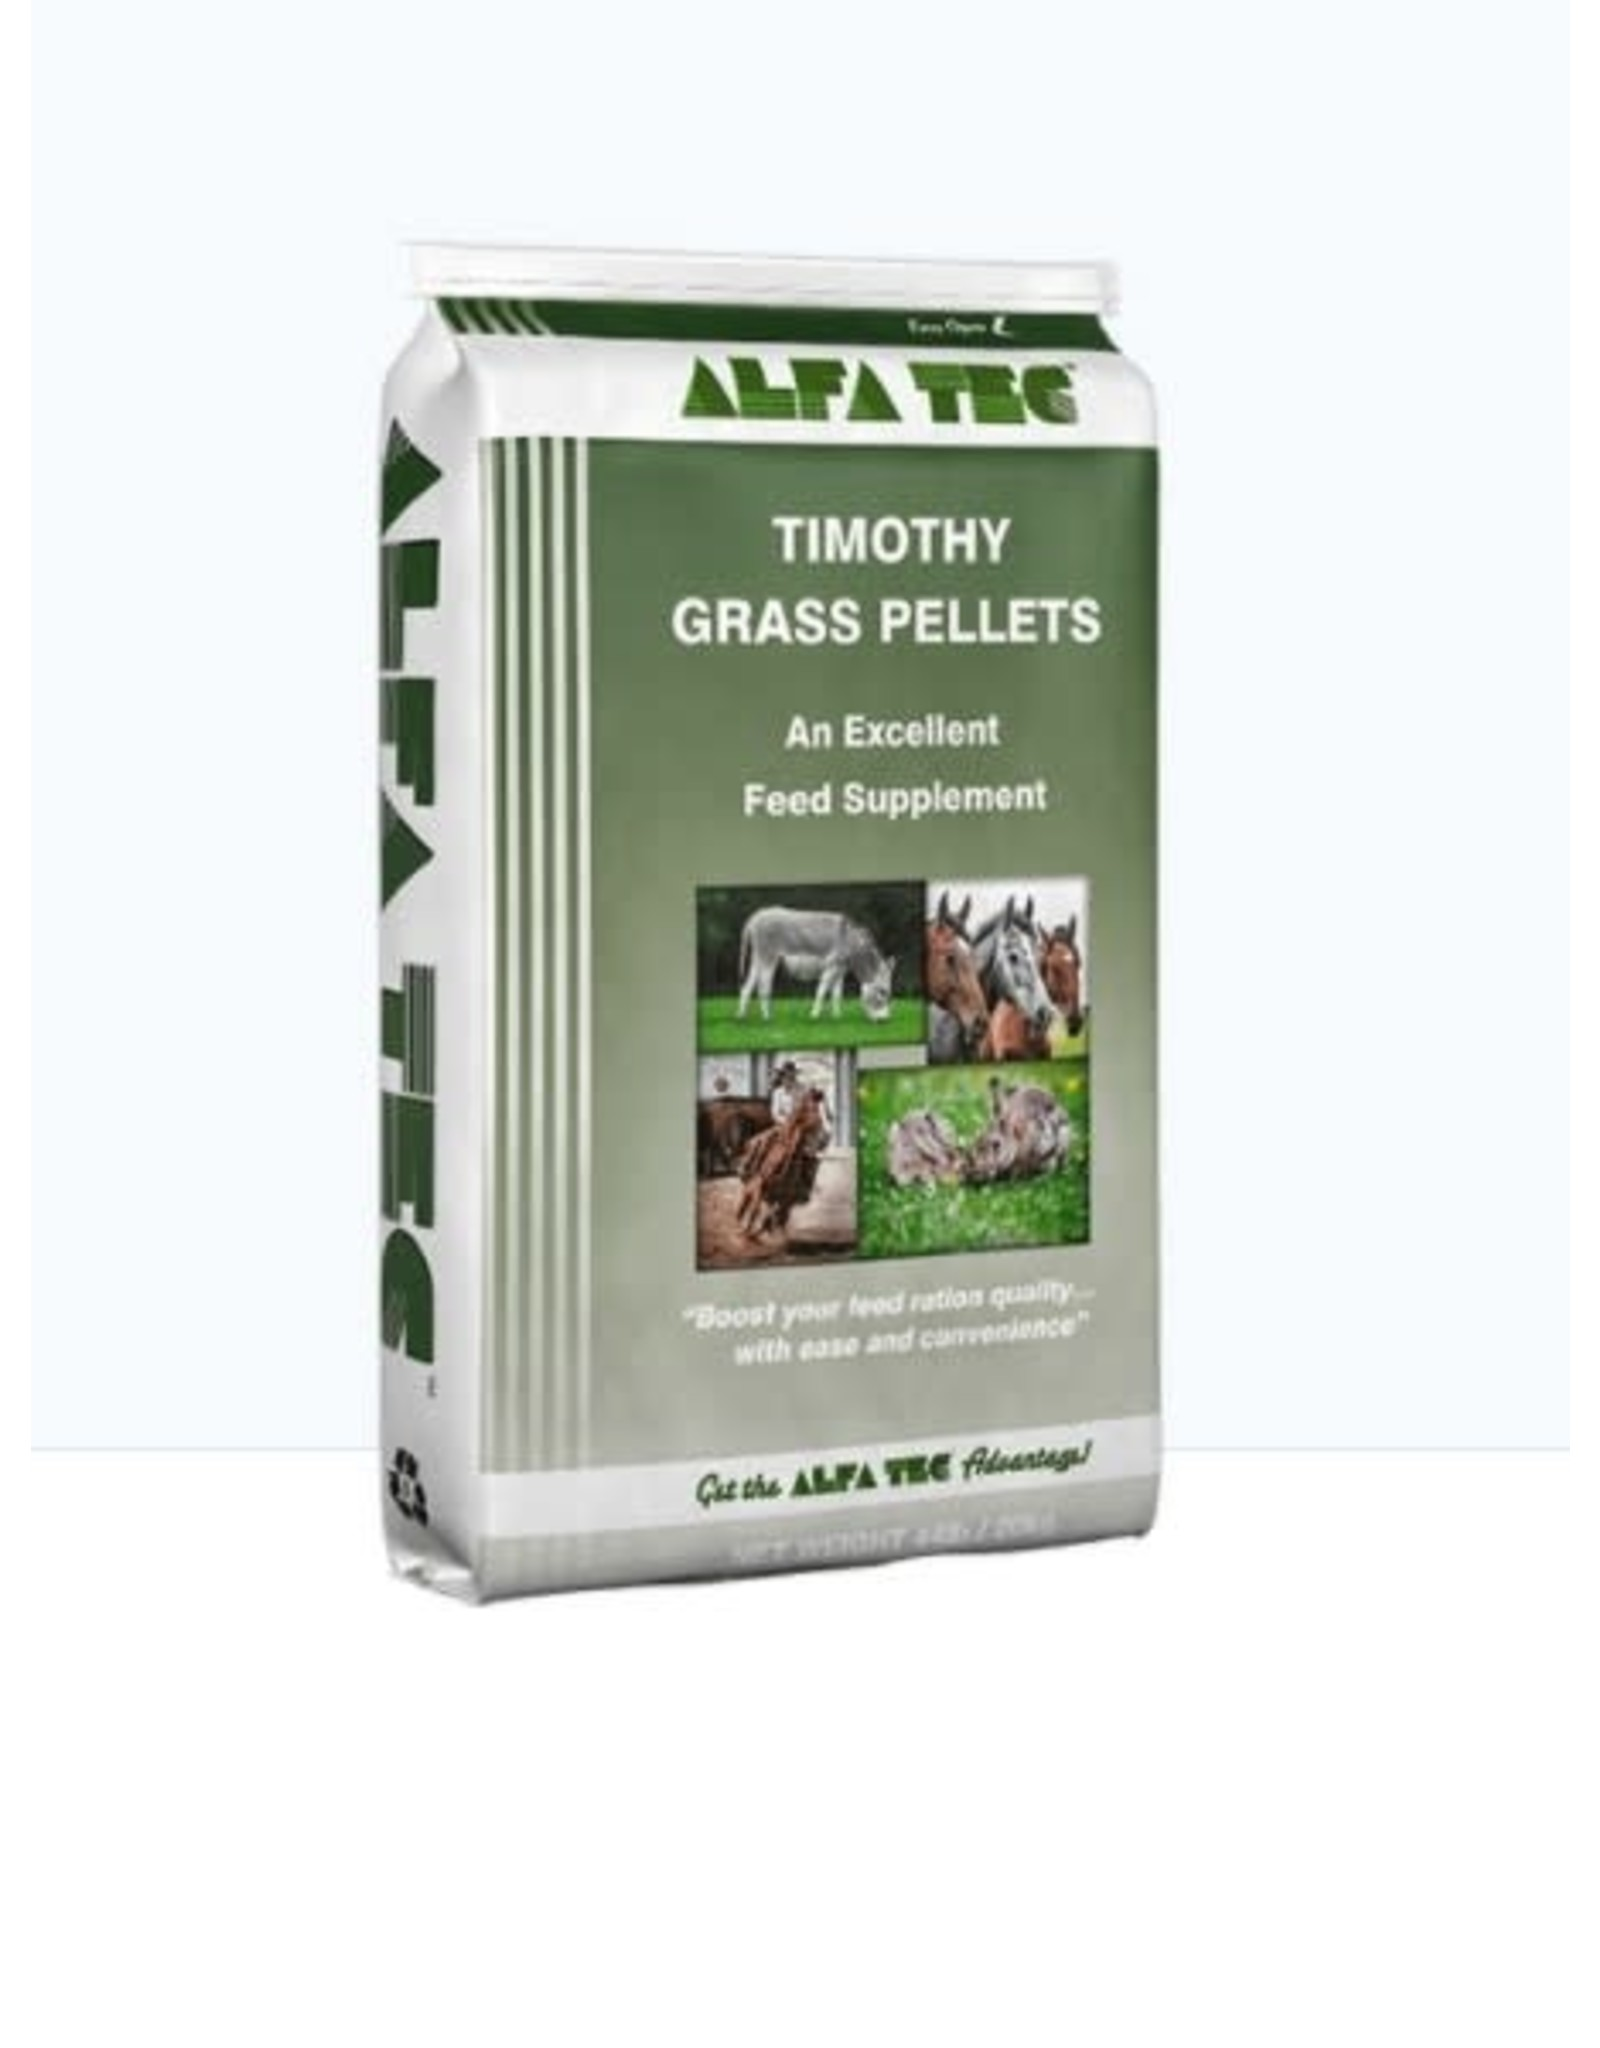 Alfa-Tec Alfa-Tec Timothy Pellets 20KG